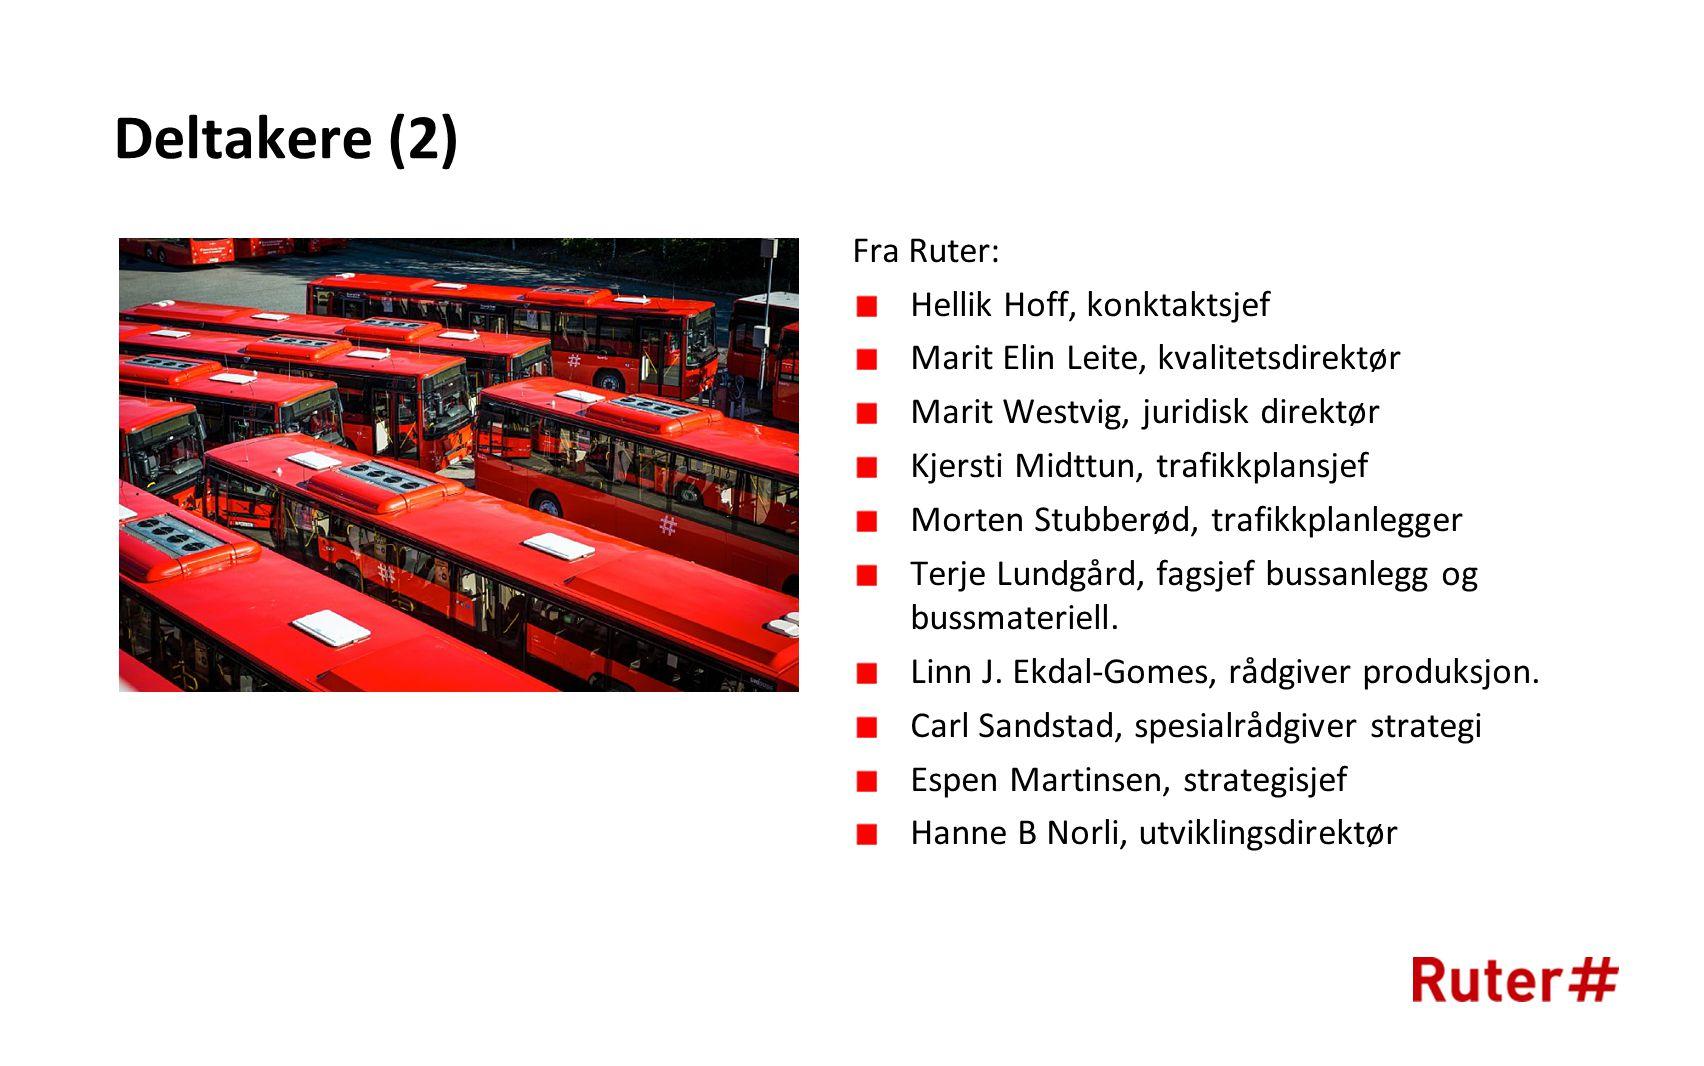 Deltakere (2) Fra Ruter: Hellik Hoff, konktaktsjef